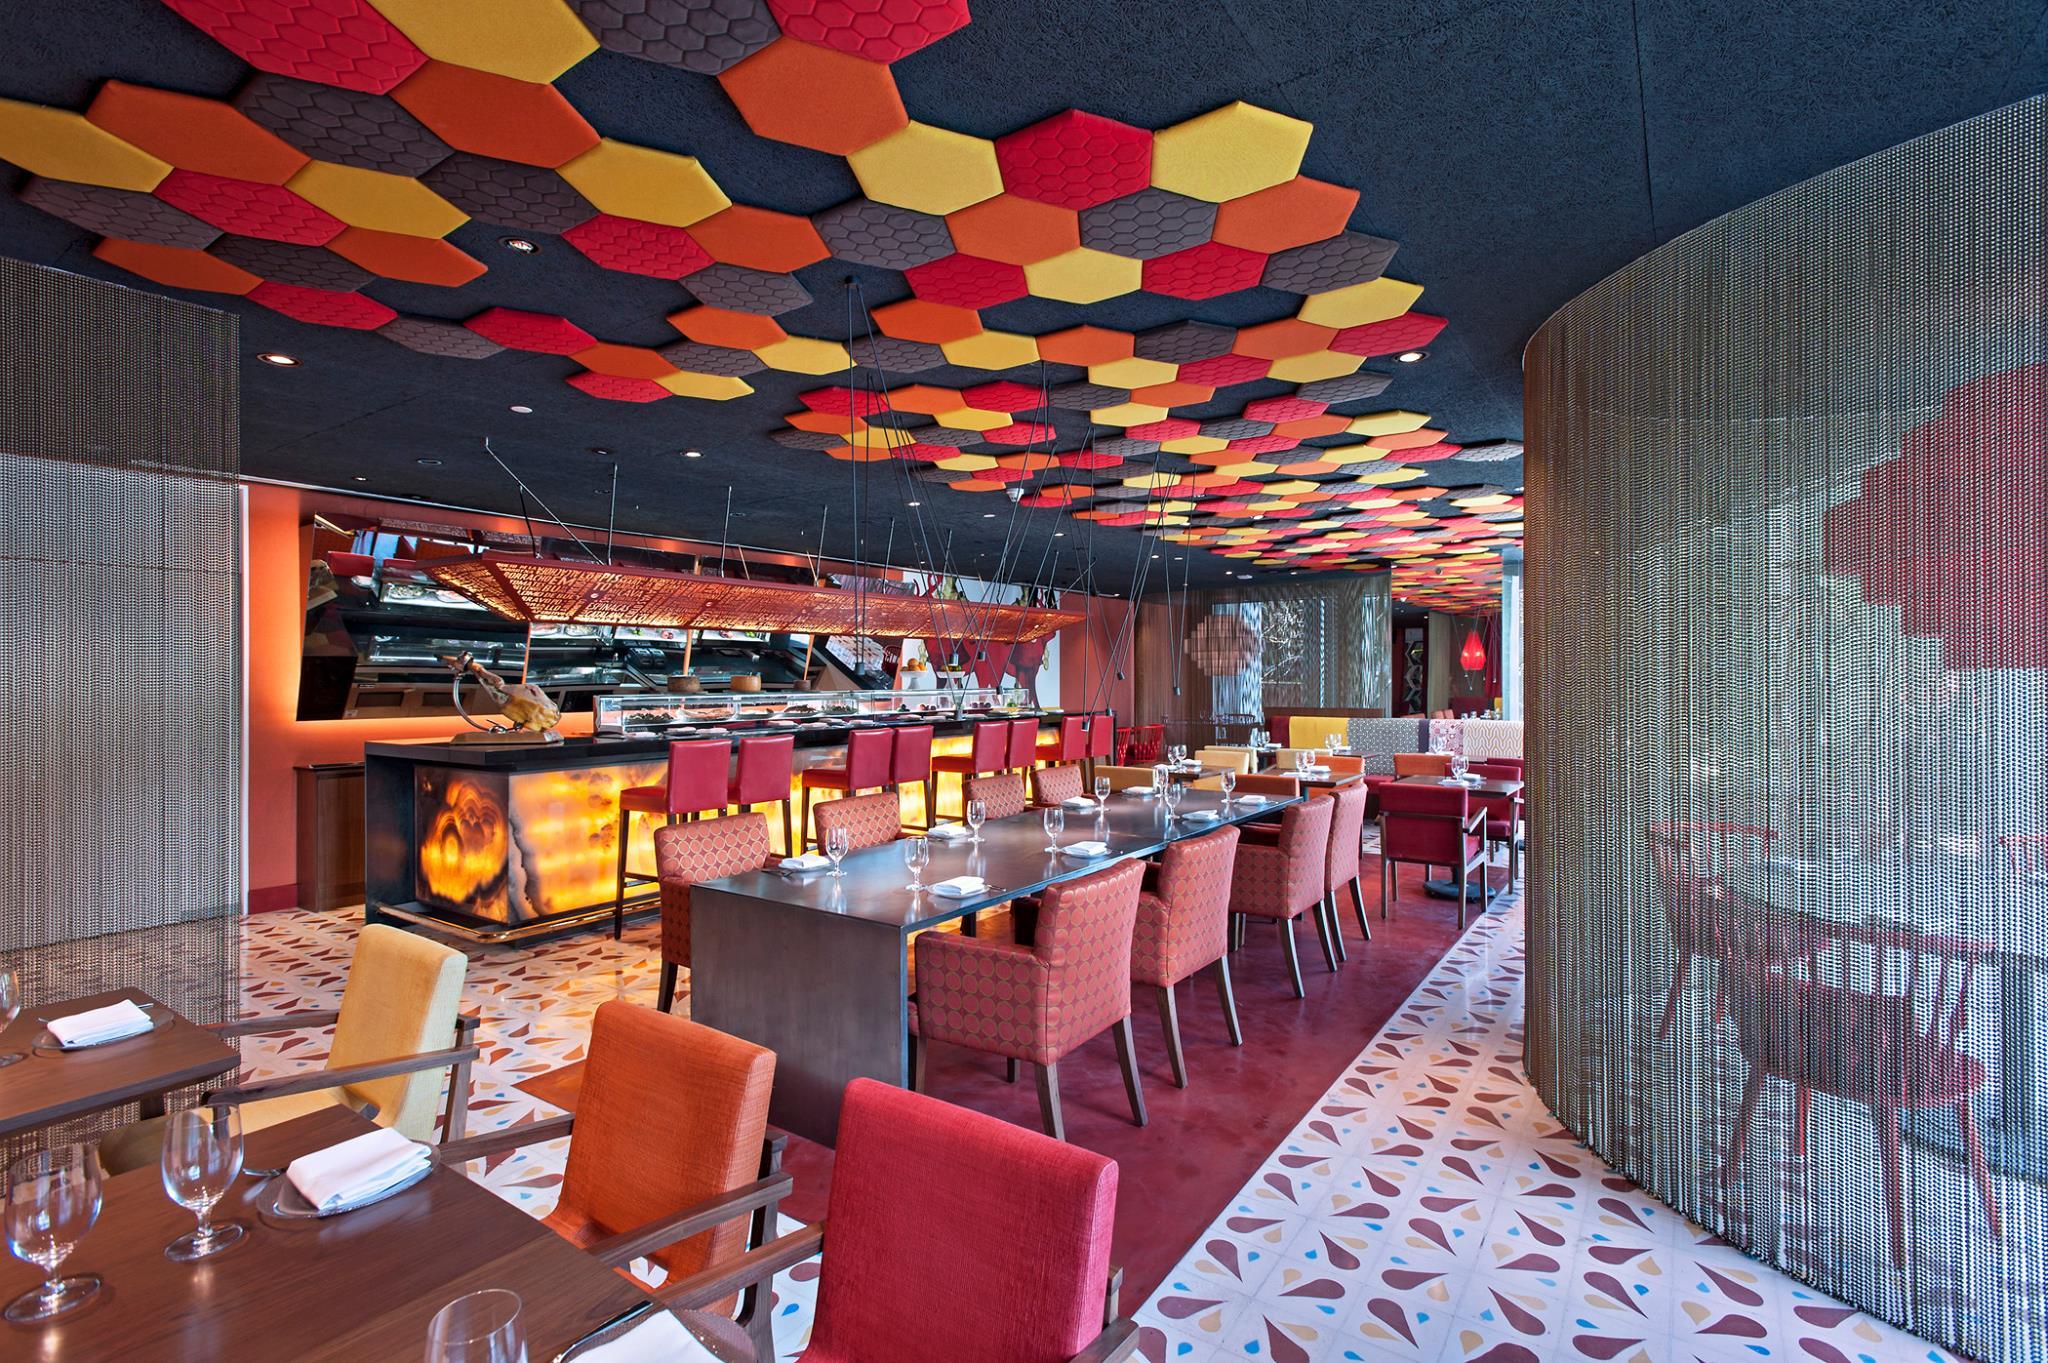 6 restaurantes españoles para descubrir en la CDMX